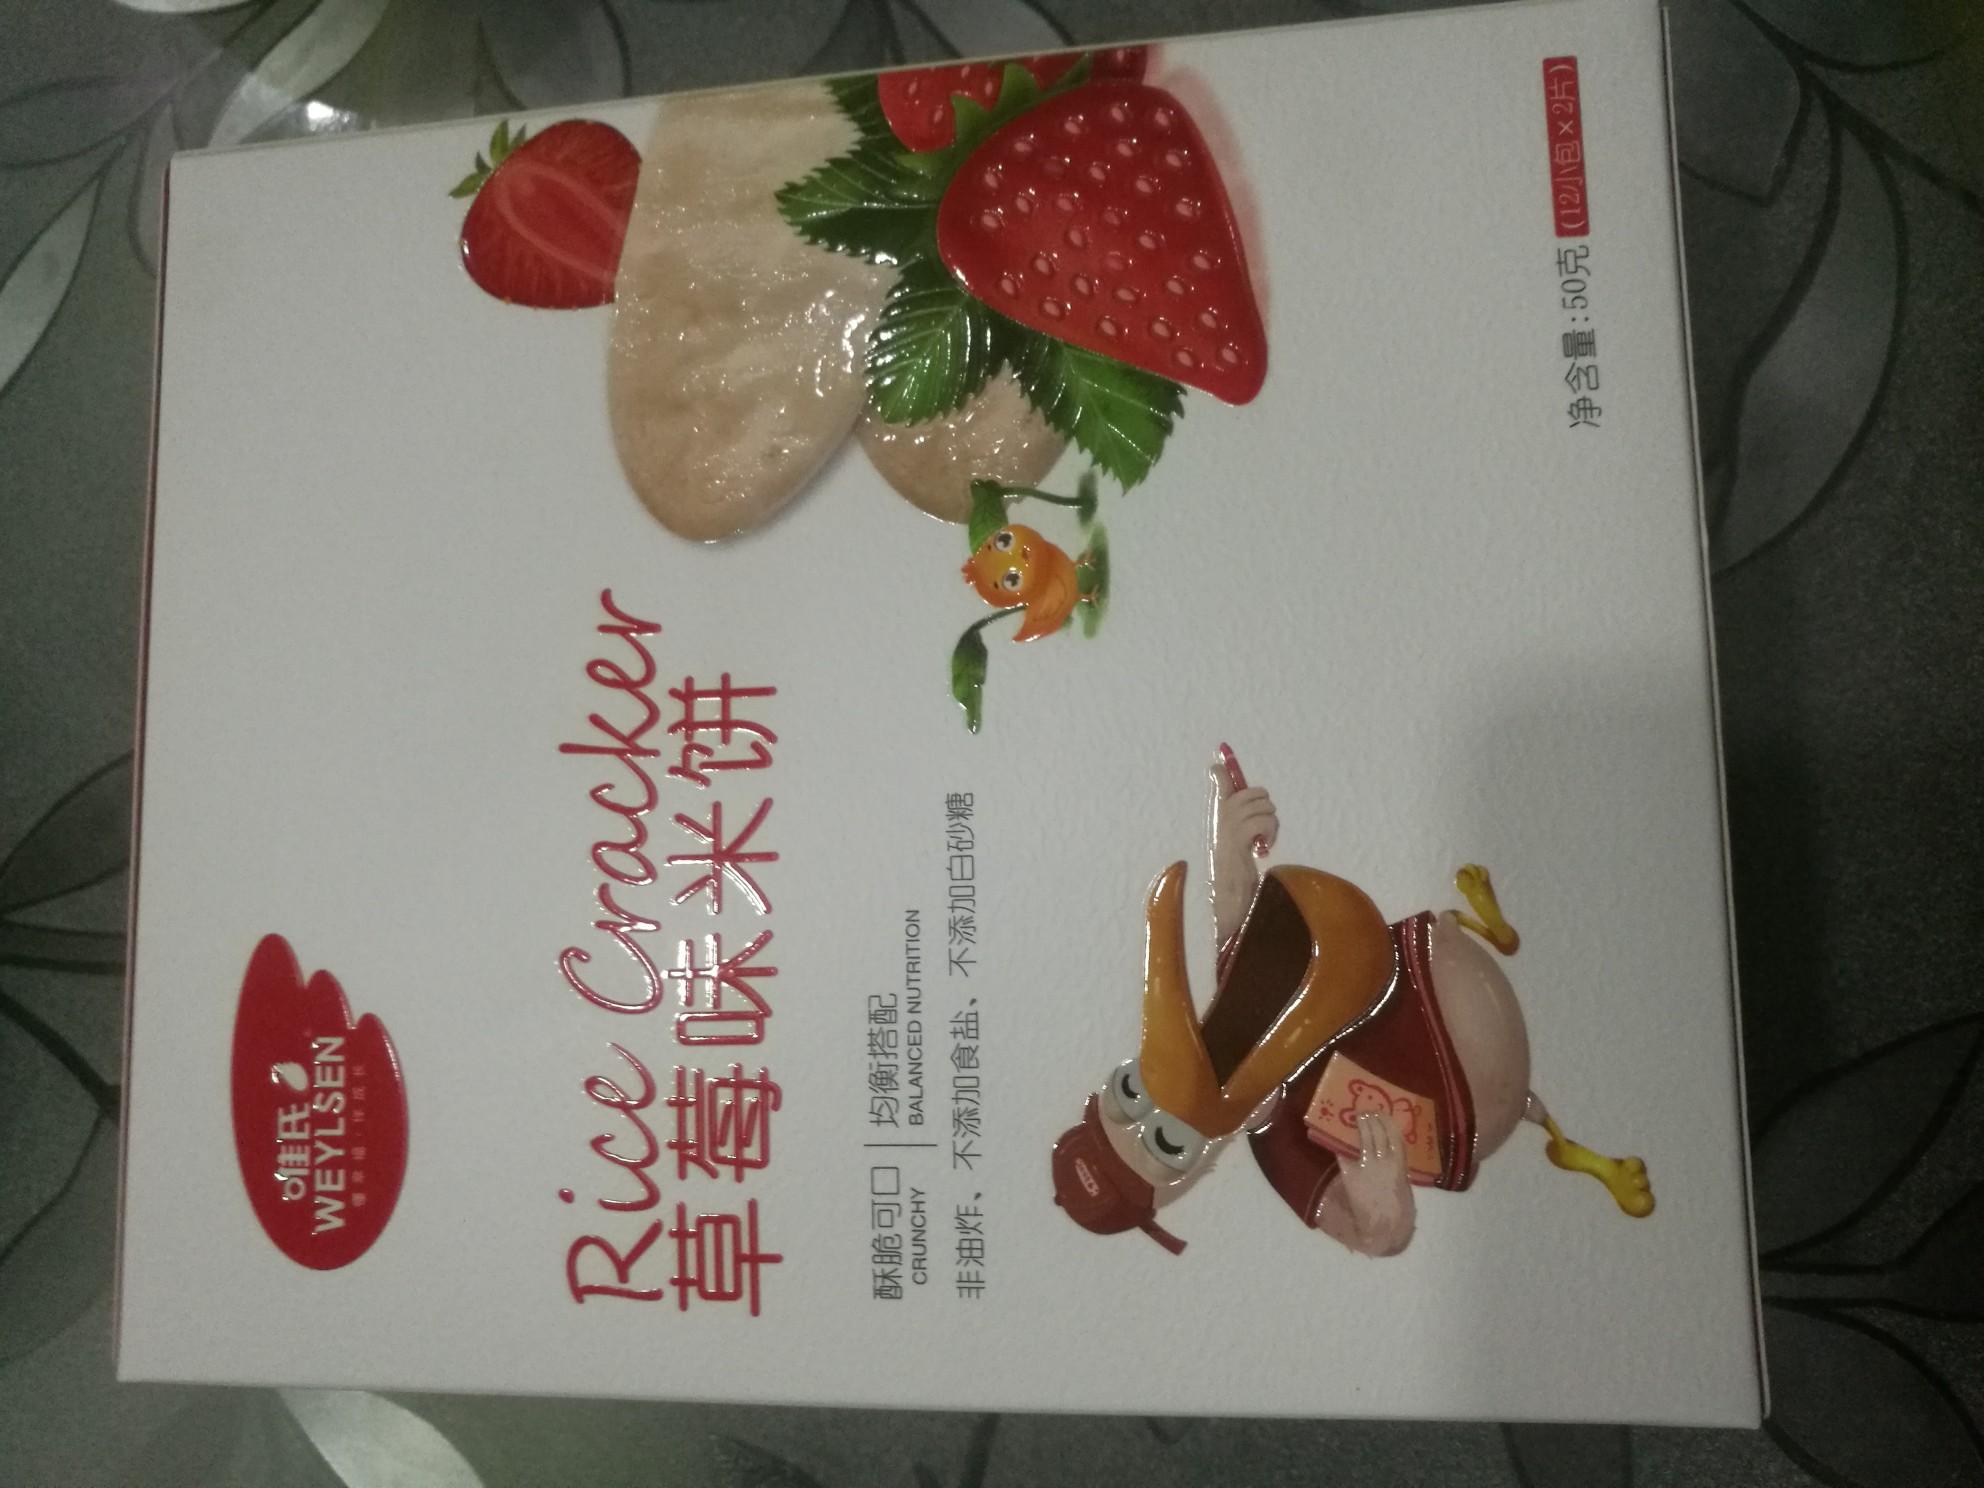 beakid水果溶豆怎么样?有没有人买过?优缺点解析?